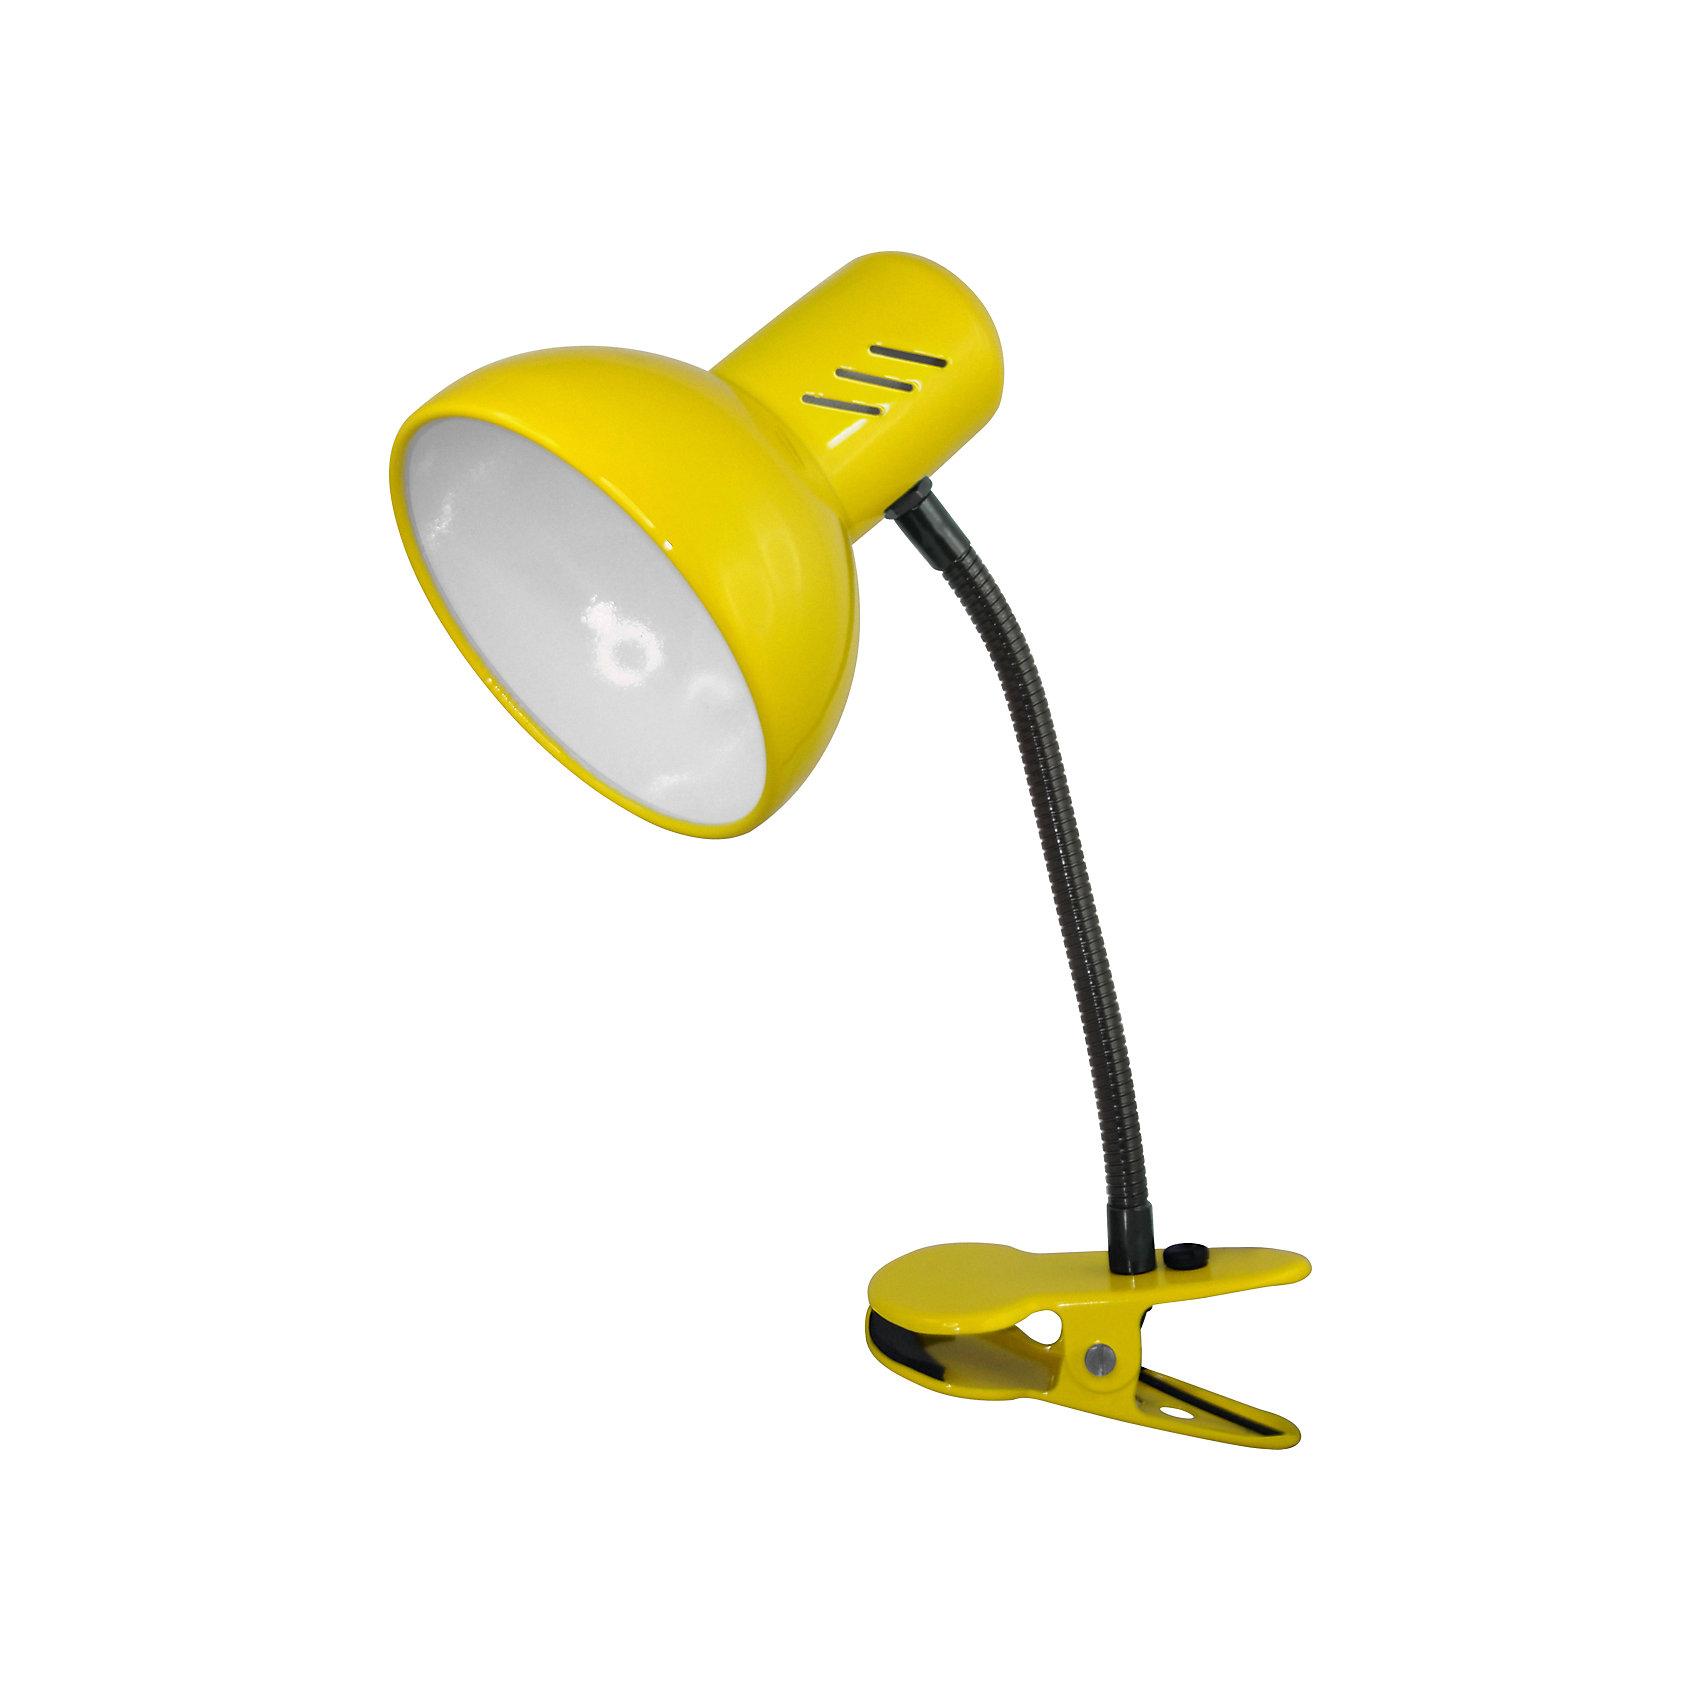 Настольный светильник Прищепка 40Вт ЛН, Ultra Light, желтыйДетские предметы интерьера<br>Жёлтый светильник, 40 Вт – это классический светильник для освещения рабочего стола.<br>Жёлтый светильник классического дизайна идеально подойдет для освещения рабочего места дома и в офисе. Светильник крепиться с помощью зажима-прищепки. Плафон изготовлен из облегчённого металла, покрыт специальной устойчивой эмалью. Патрон светильника прочно закреплён, изготовлен из керамики. Сетевой шнур с вилкой длиной 1,8м. имеет двойную изоляцию, не требует заземления. Вилка изготовлена из пластичного материала, предотвращающего появление трещин. Светильник удобен и практичен в использовании.<br><br>Дополнительная информация: <br><br>- Материал плафона: металл<br>- Цвет: жёлтый<br>- Питание: от сети 220В<br>- Тип цоколя: E27<br>- Мощность лампы: 40 Вт<br>- Длина шнура питания с вилкой: 1,8 м.<br>- Размер светильника: 17х22,5х12,5 см.<br>- Размер упаковки: 24х16х14 см.<br>- Вес: 642 гр.<br><br>Жёлтый светильник, 40 Вт можно купить в нашем интернет-магазине.<br><br>Ширина мм: 240<br>Глубина мм: 160<br>Высота мм: 140<br>Вес г: 642<br>Возраст от месяцев: 36<br>Возраст до месяцев: 192<br>Пол: Унисекс<br>Возраст: Детский<br>SKU: 4641471